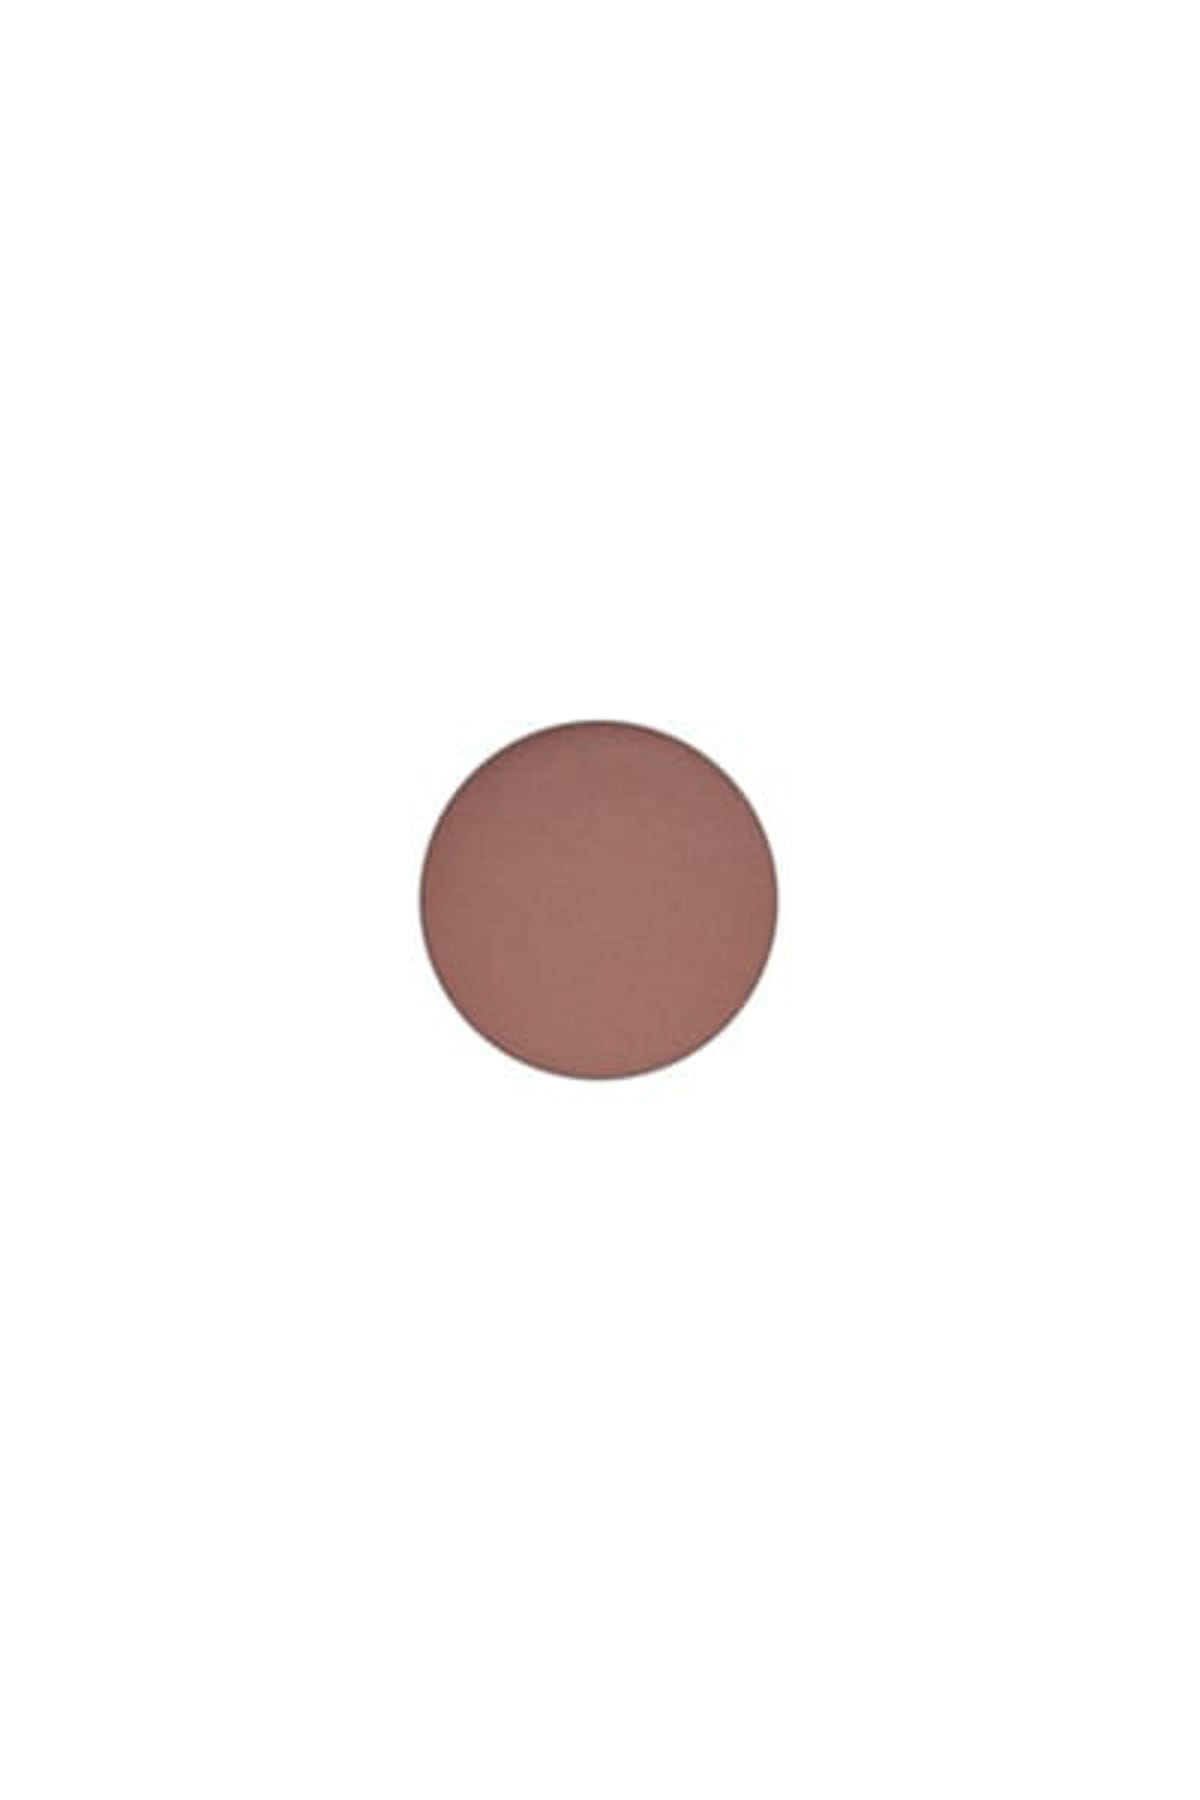 Göz Farı - Refill Far Corduroy 1.5 g 773602961757